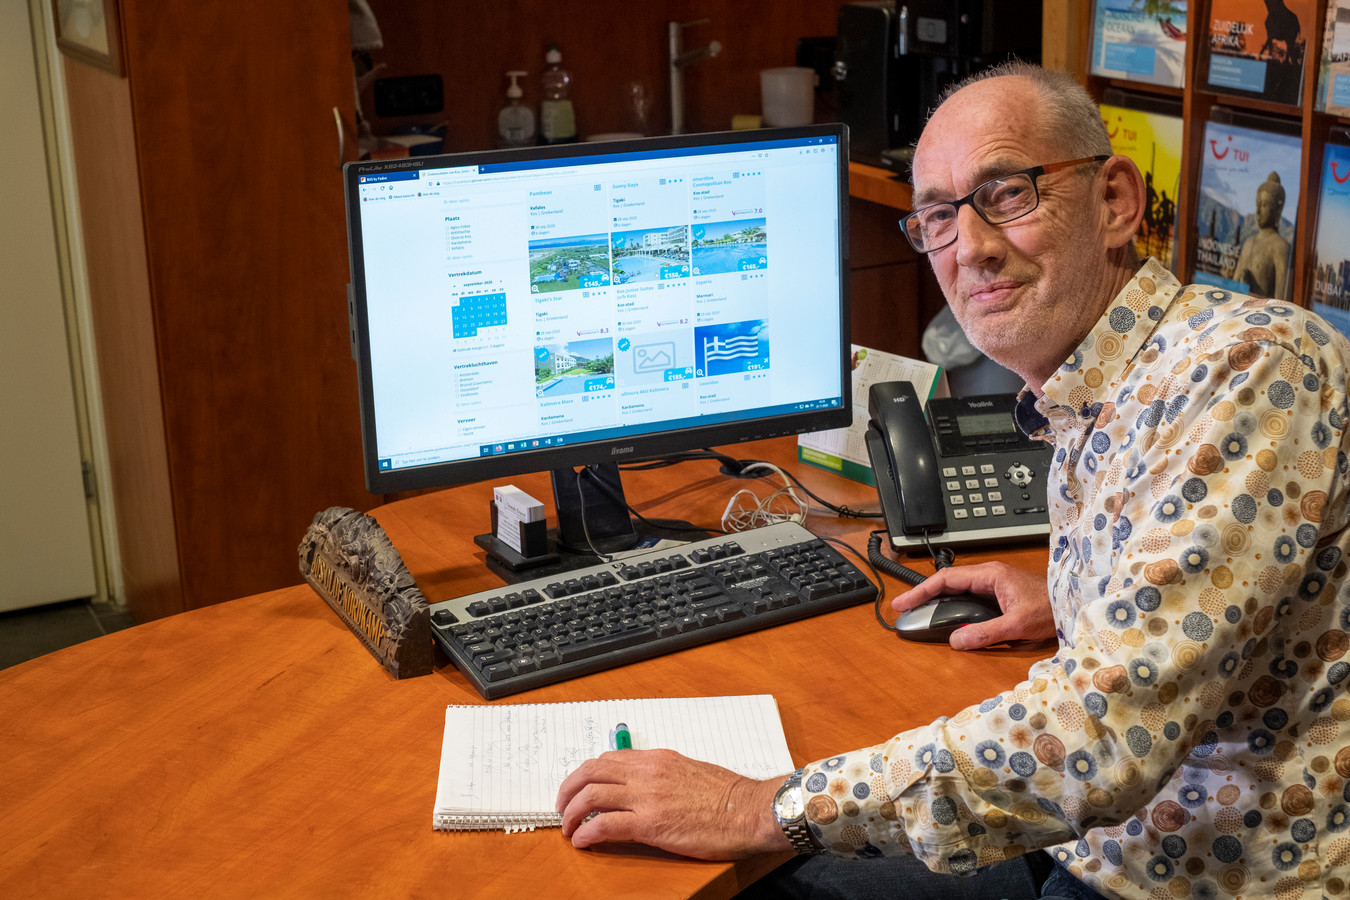 Jos Olde Nordkamp runt al ruim dertig jaar een reisbureau in Heerde. Niet eerder maakte hij zo'n gekke vakantietijd mee als nu.